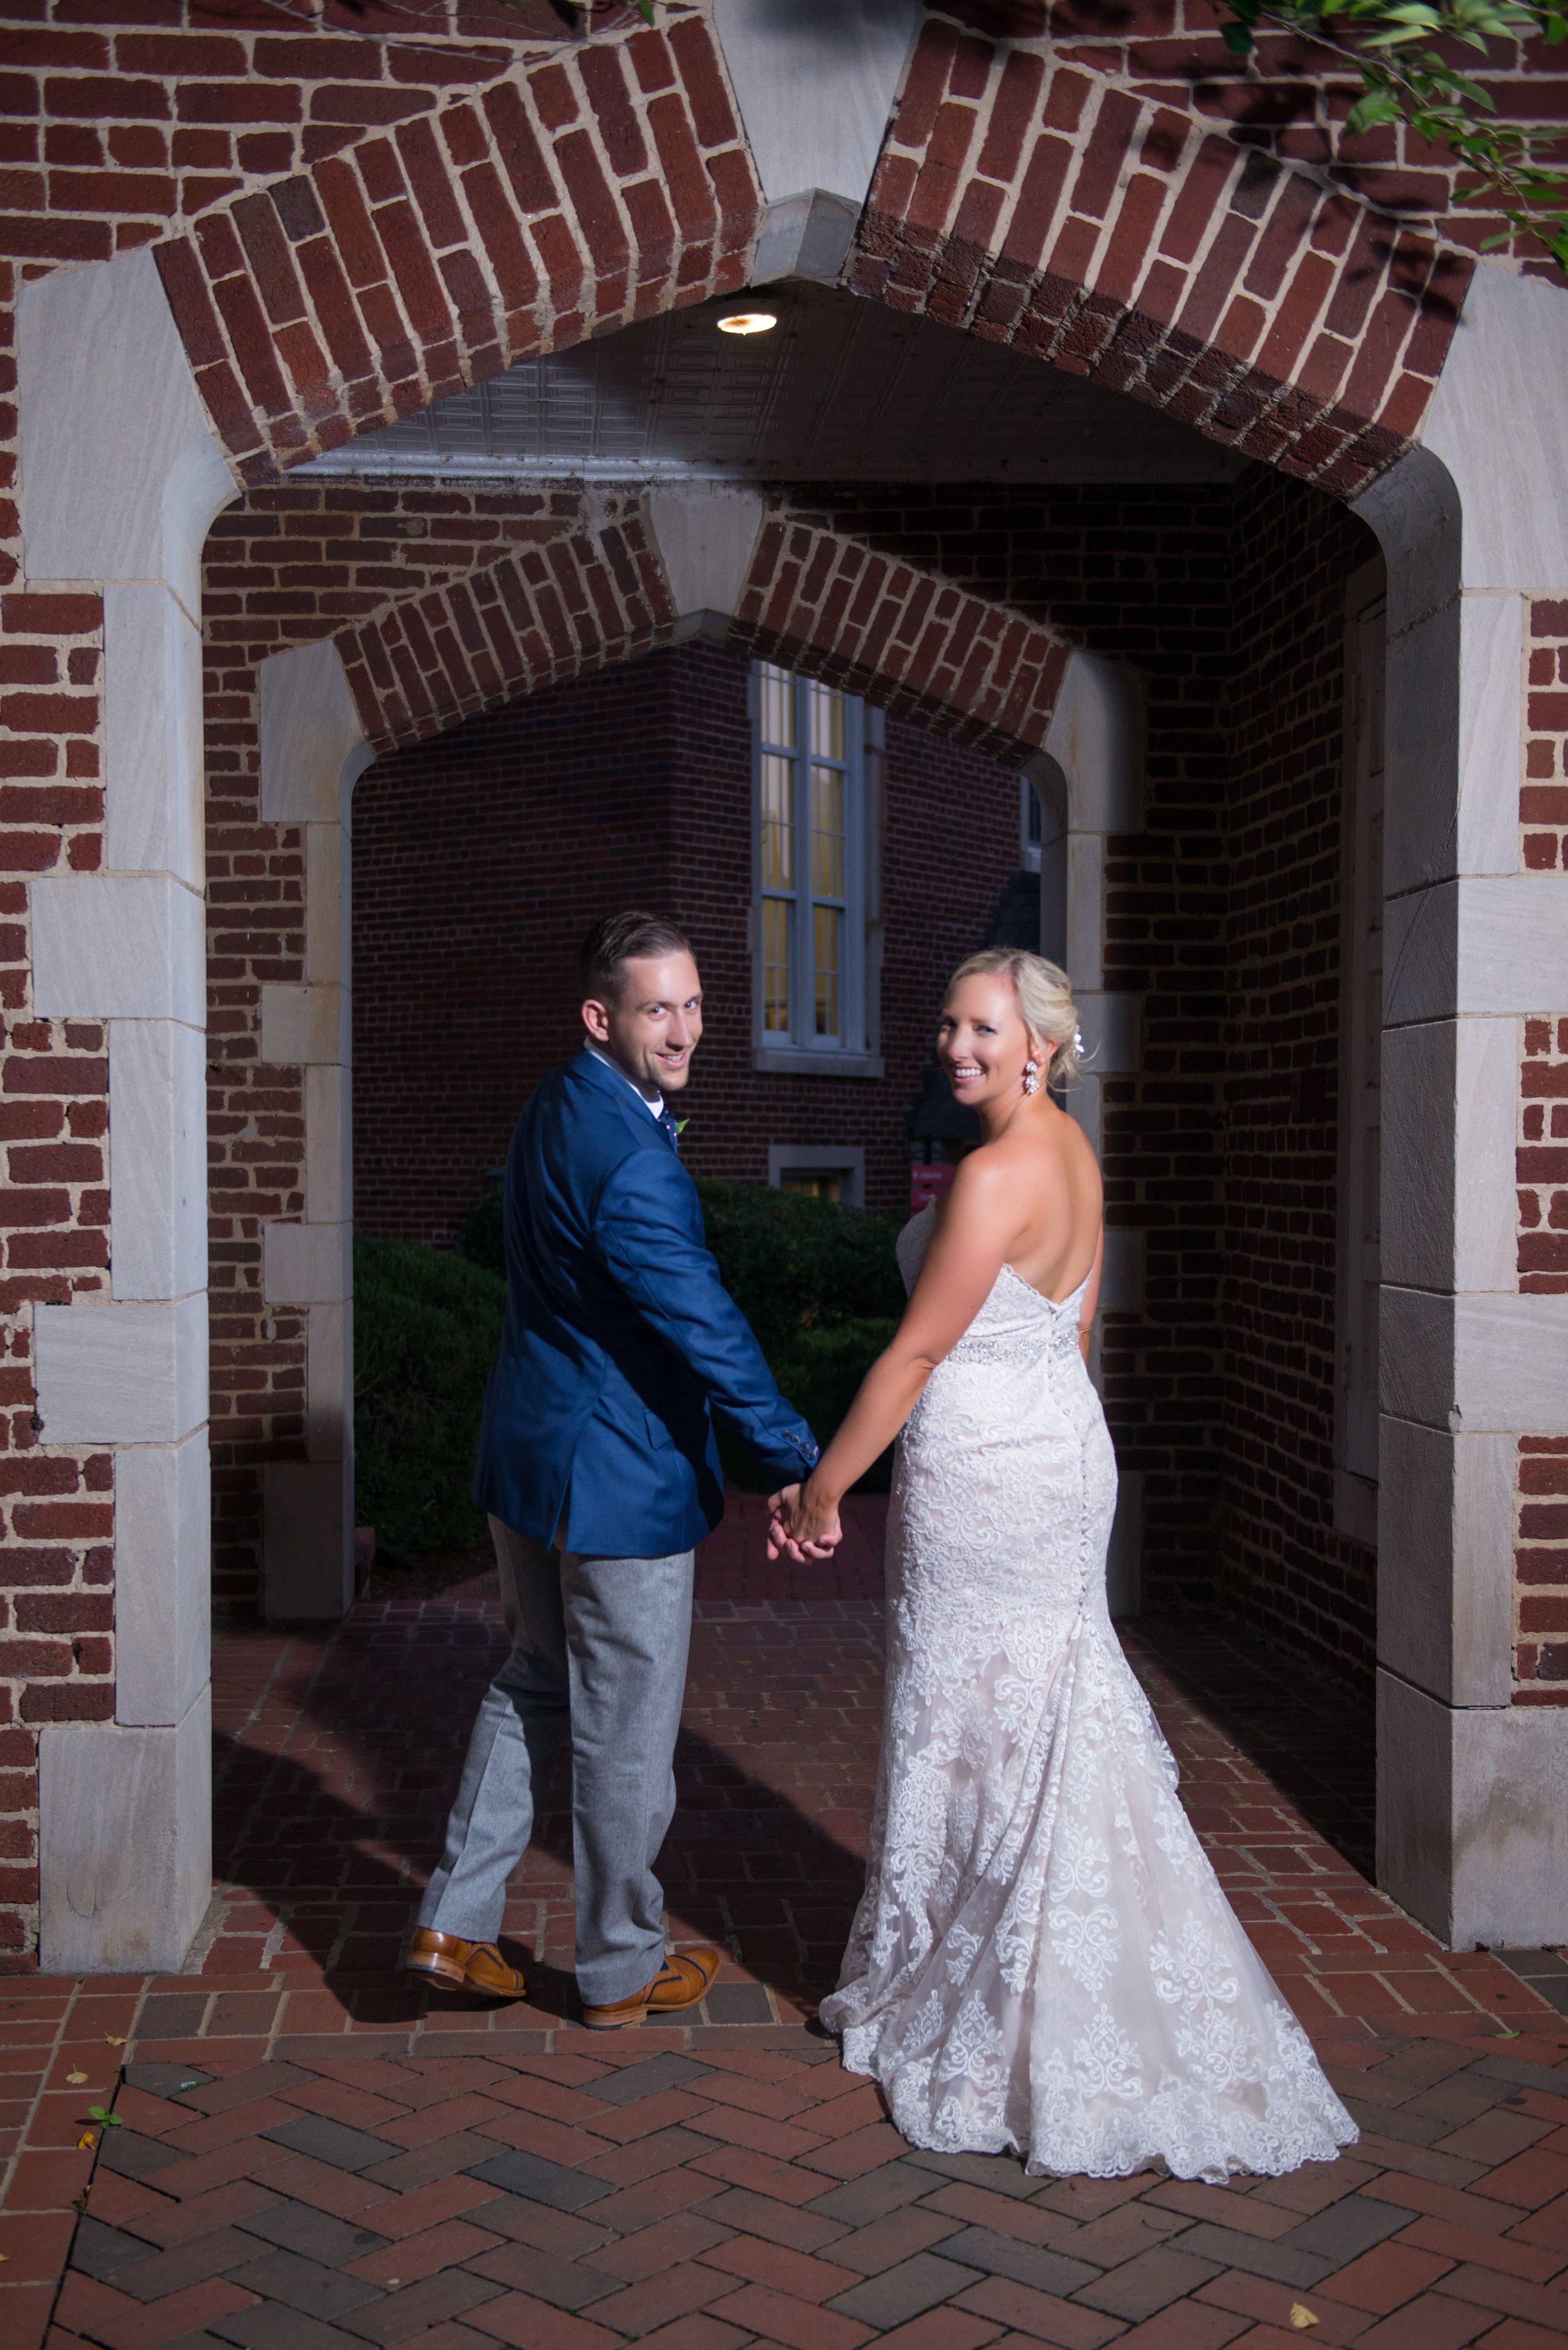 00001_Stover-WeddingSp-129.jpg